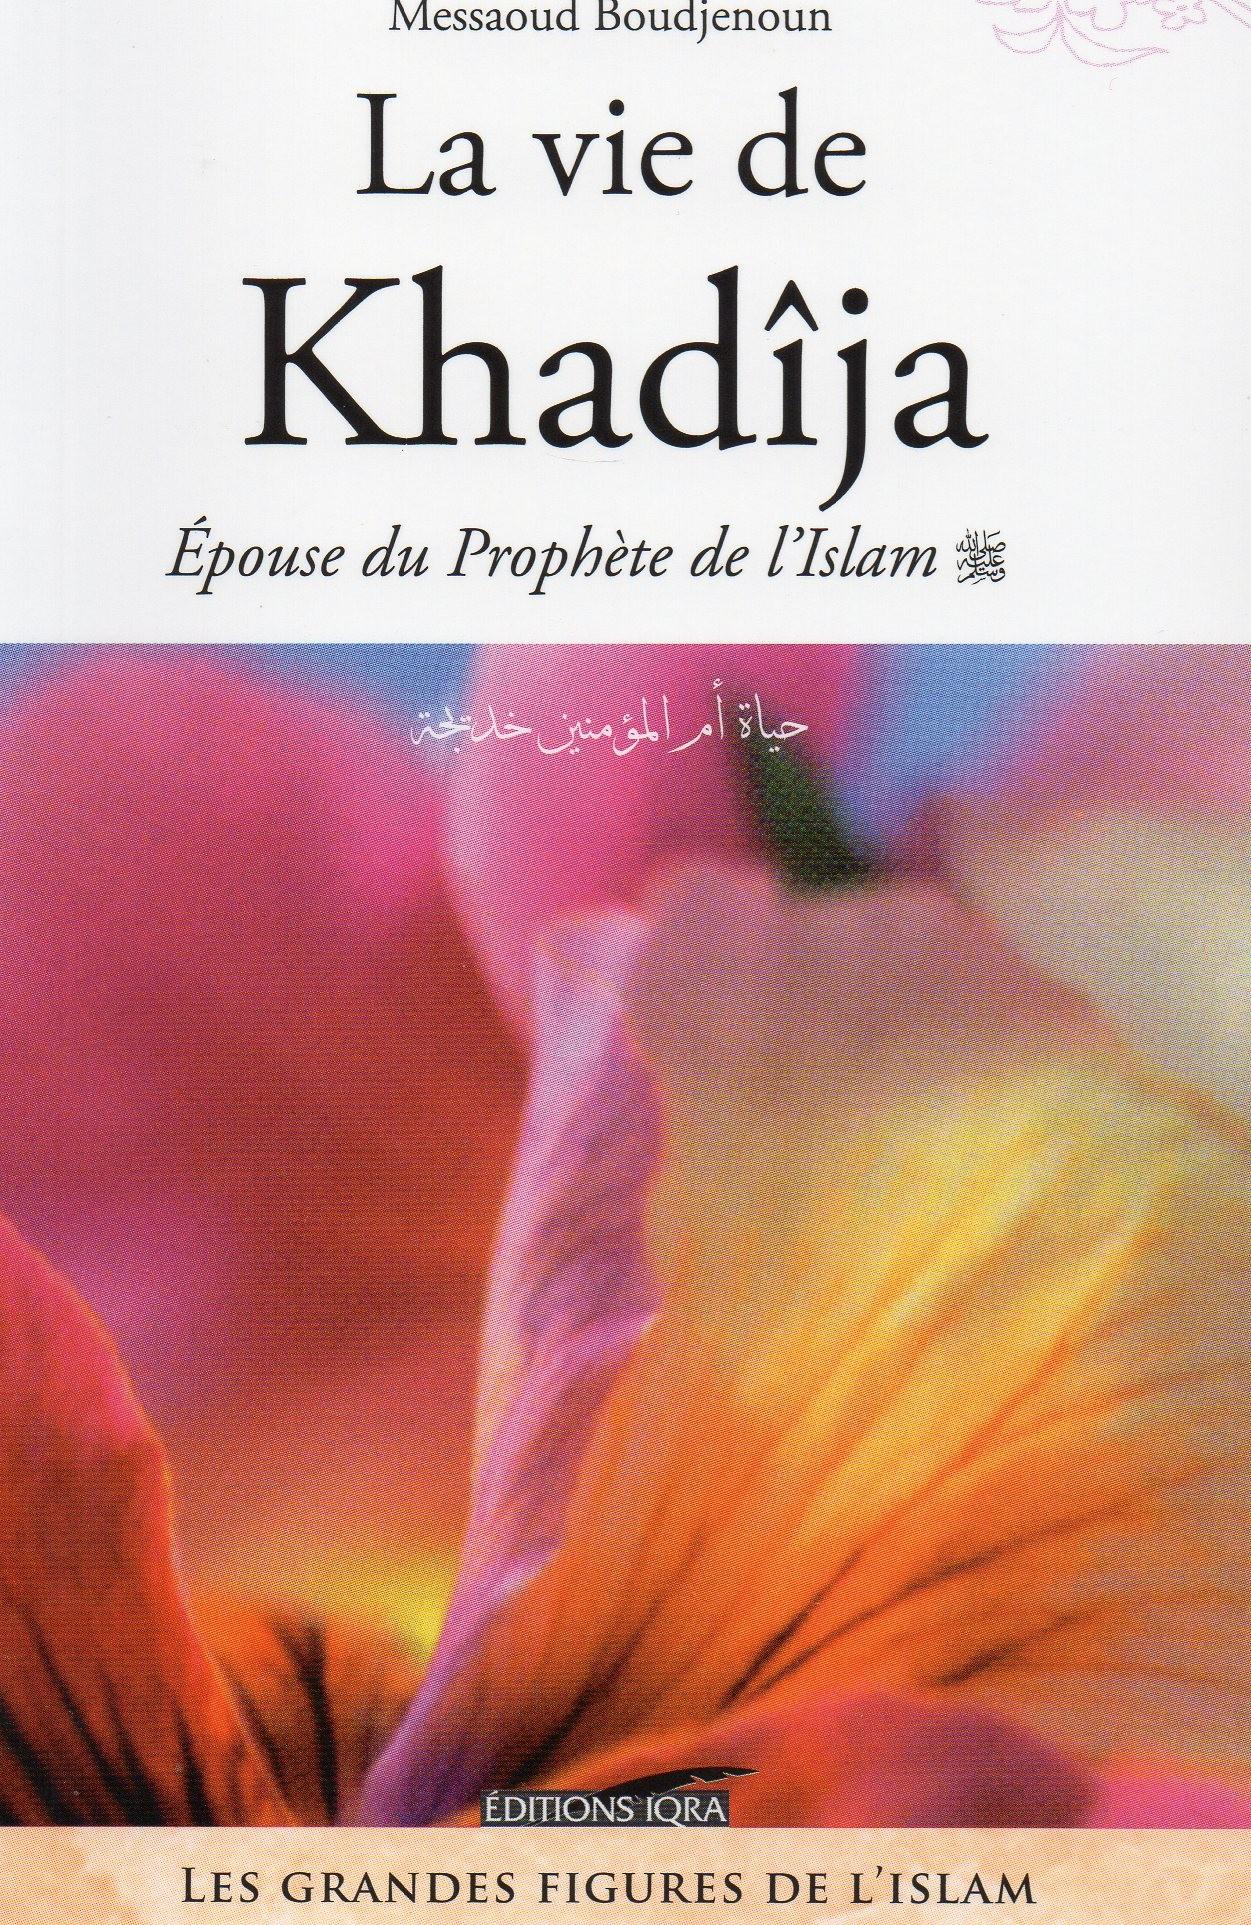 """Résultat de recherche d'images pour """"La Vie de Khadija"""""""""""